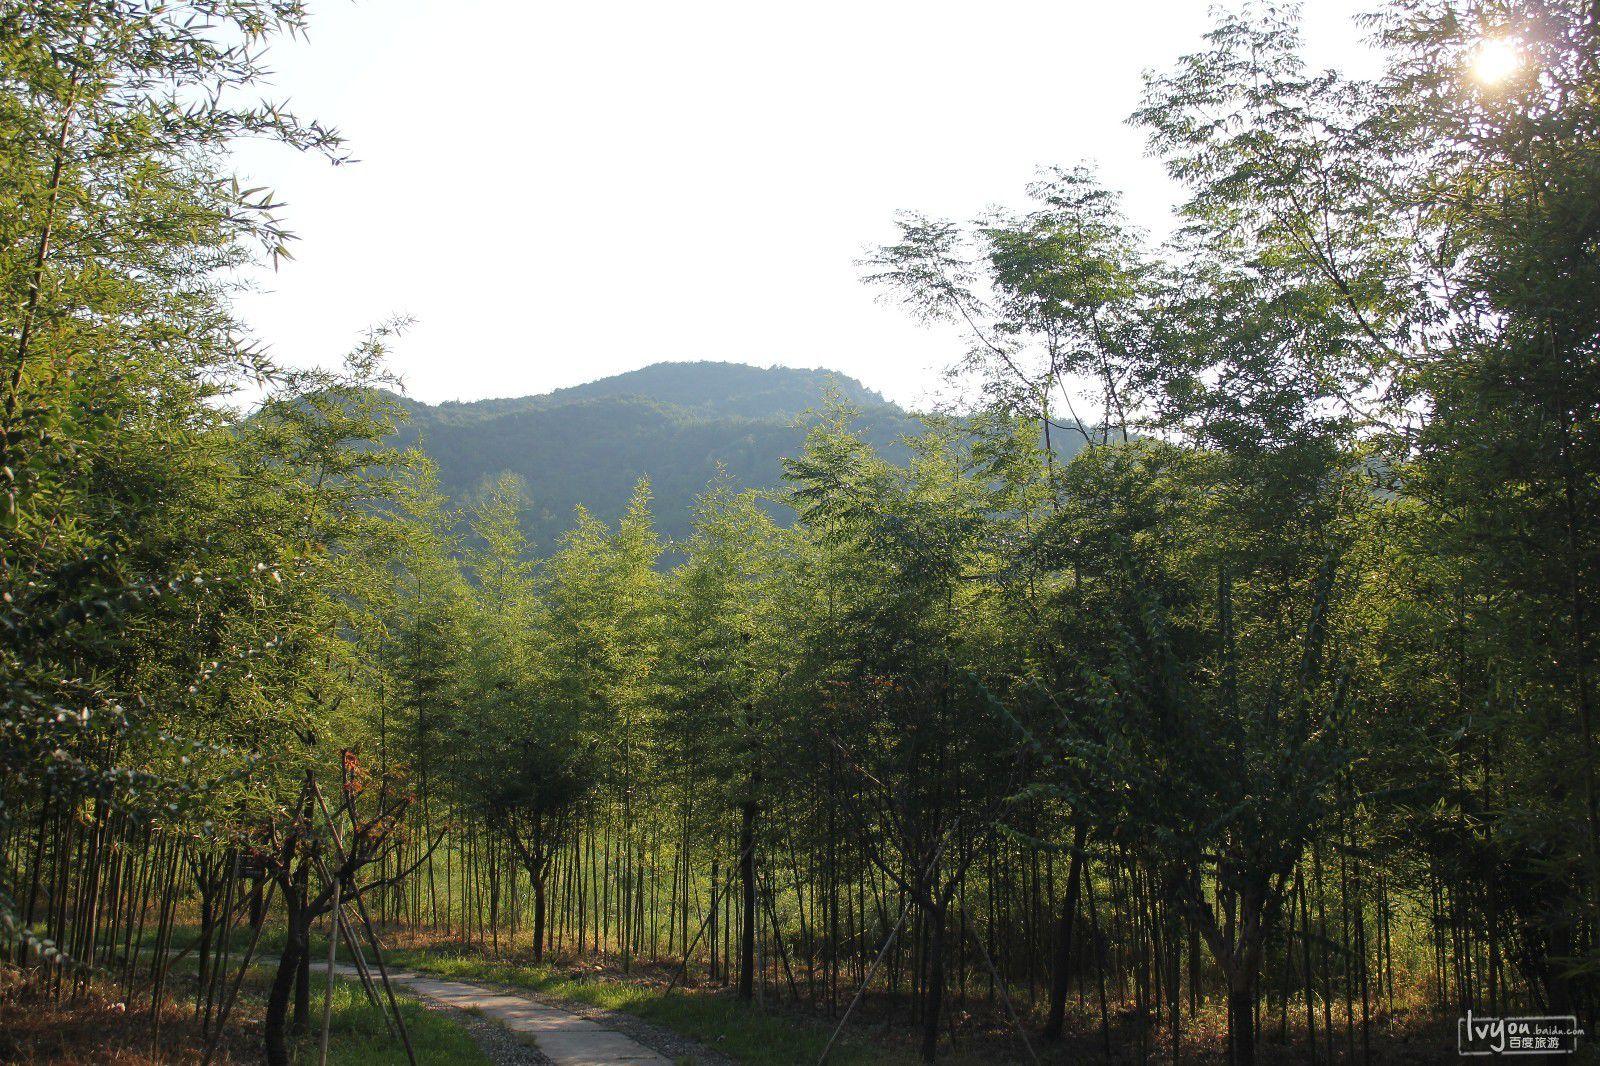 桐庐浪石金滩旅游攻略图片4